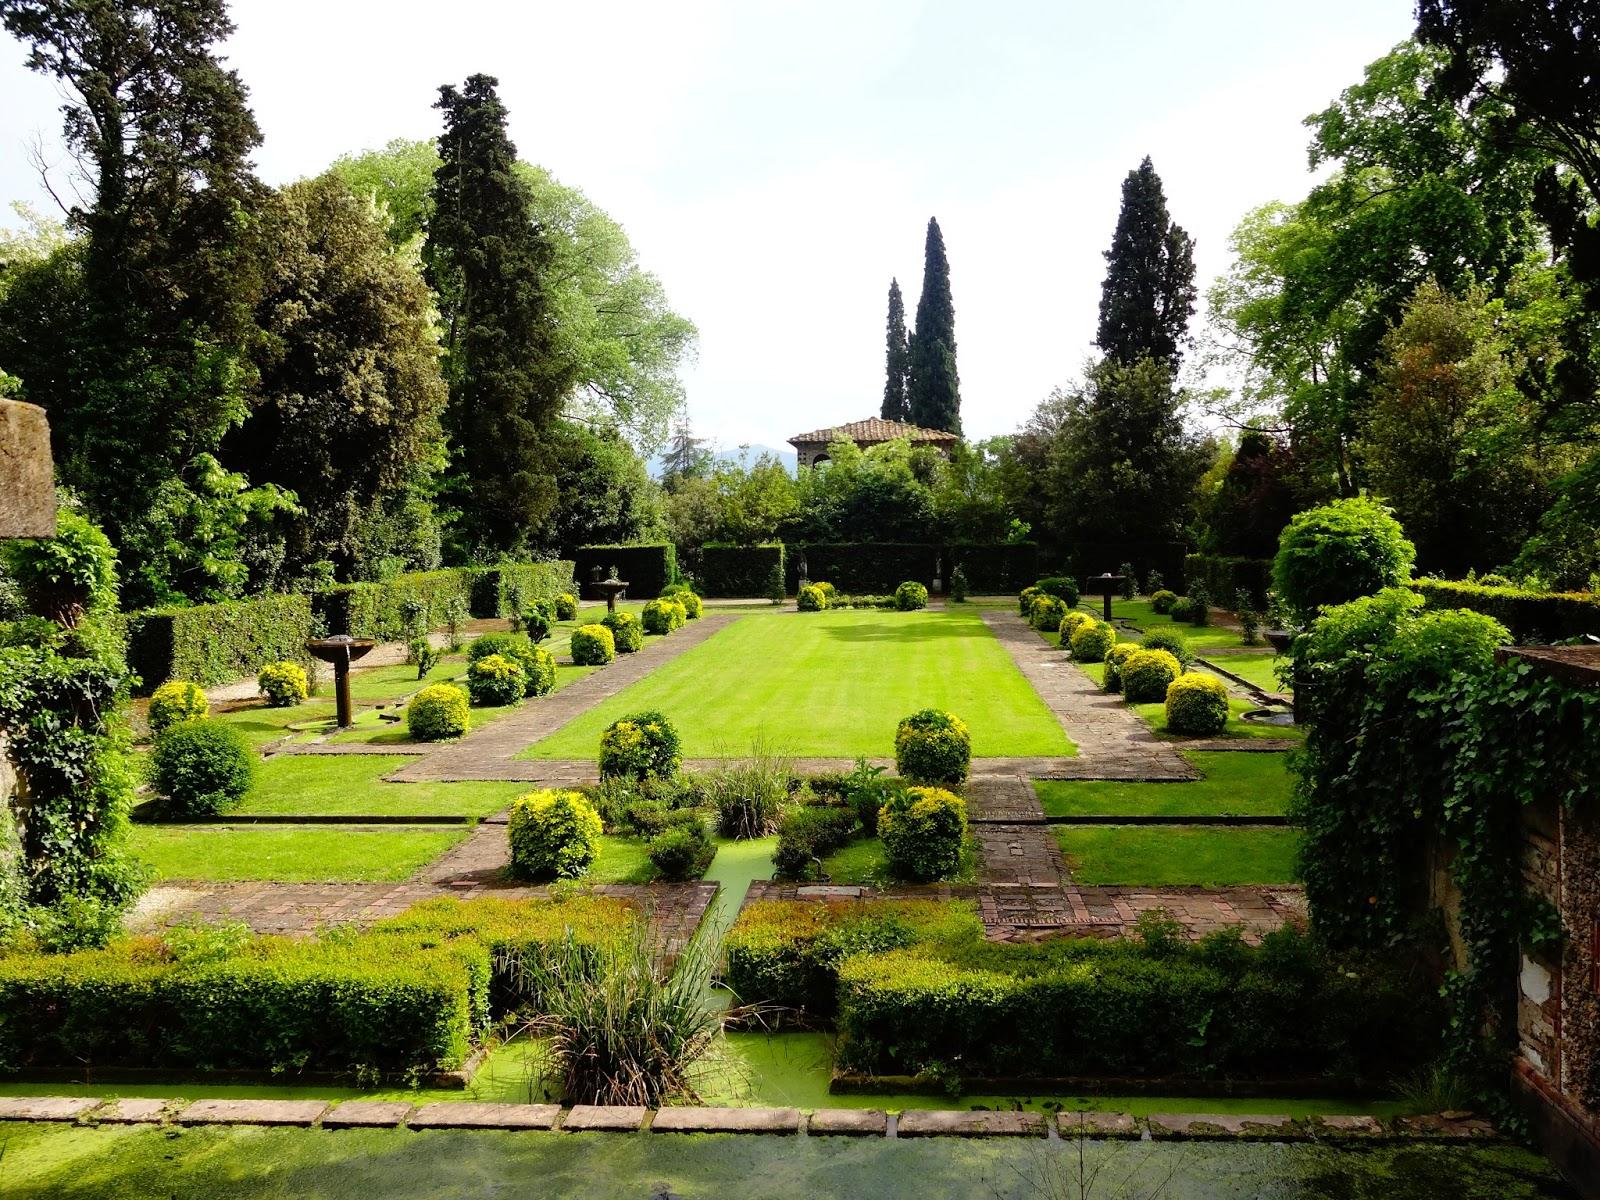 Hortibus voyage villa la massa palais et jardins de toscane for Jardin de toscane